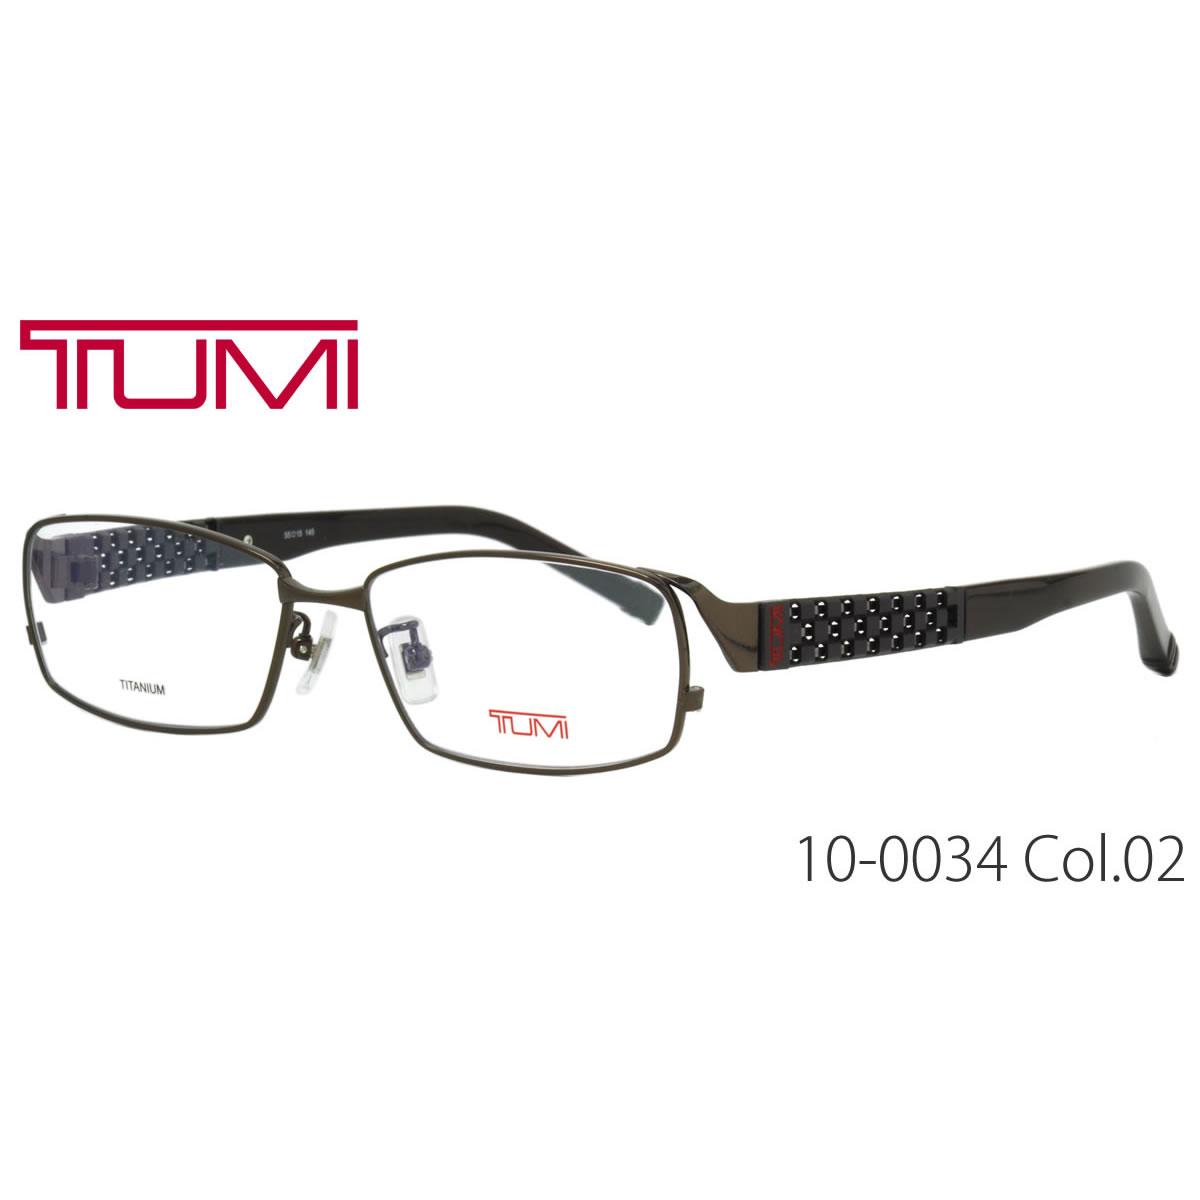 トゥミ メガネ 10-0034 02 55サイズ TUMI ビジネスバッグで人気のブランド メンズ